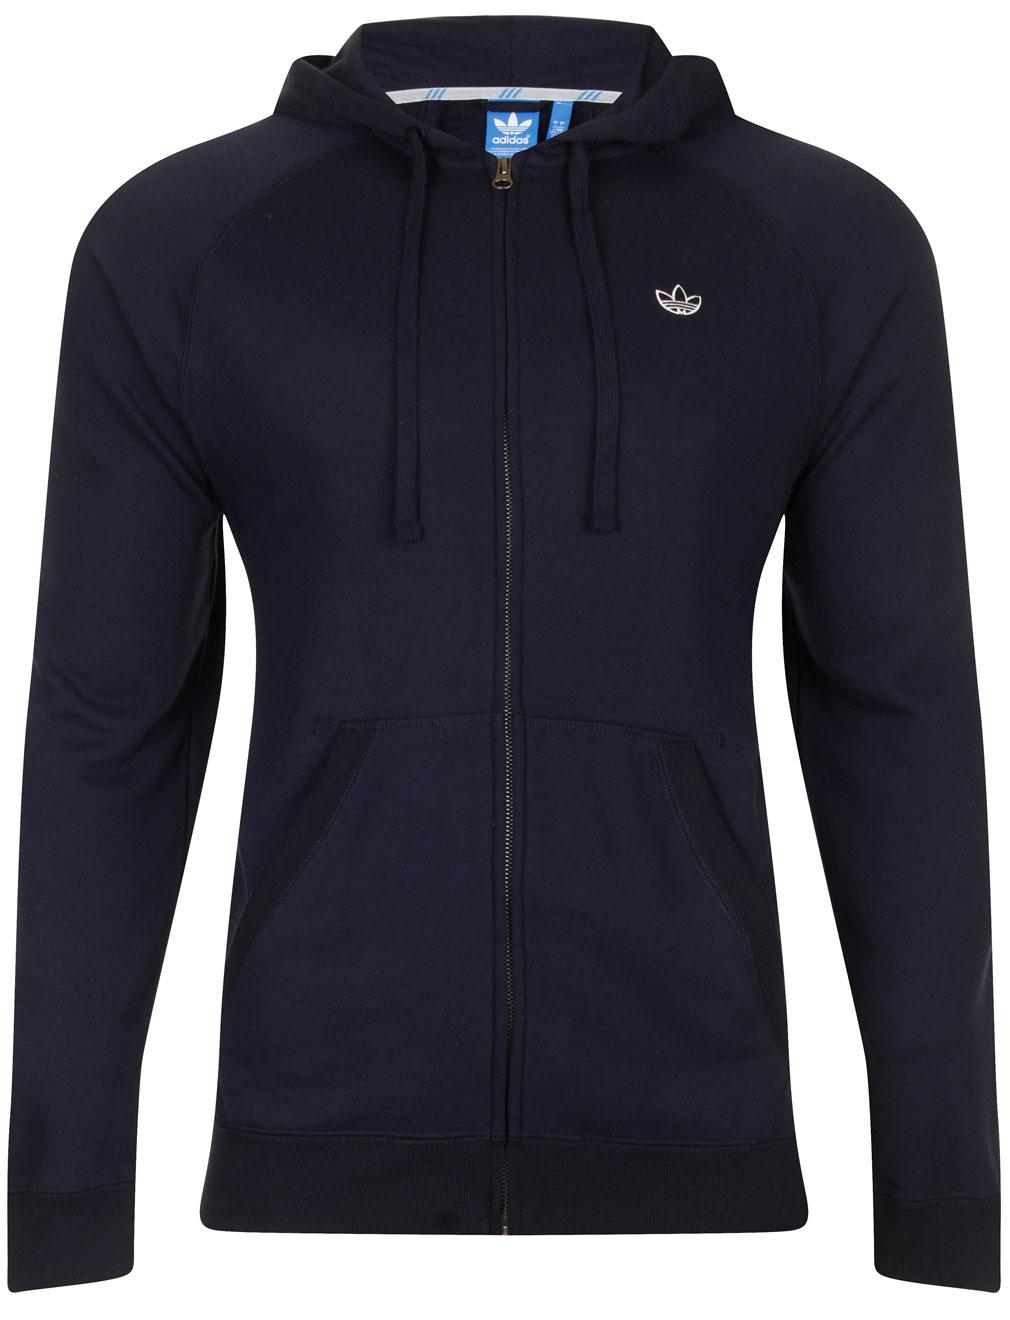 Mens adidas hoodies